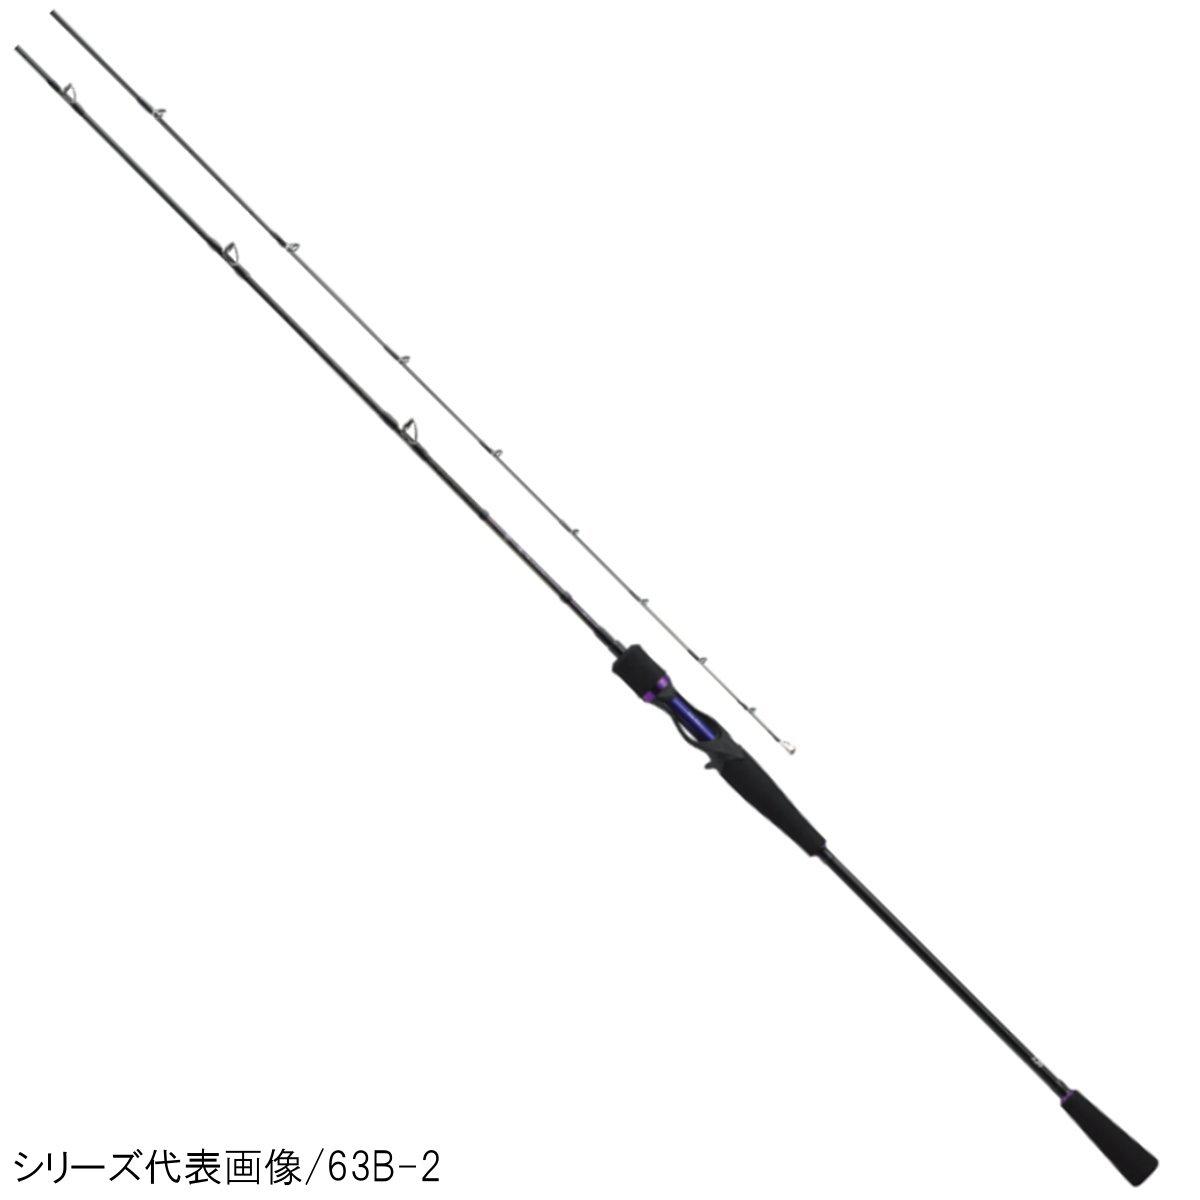 ダイワ 鏡牙 63B-3 (東日本店)